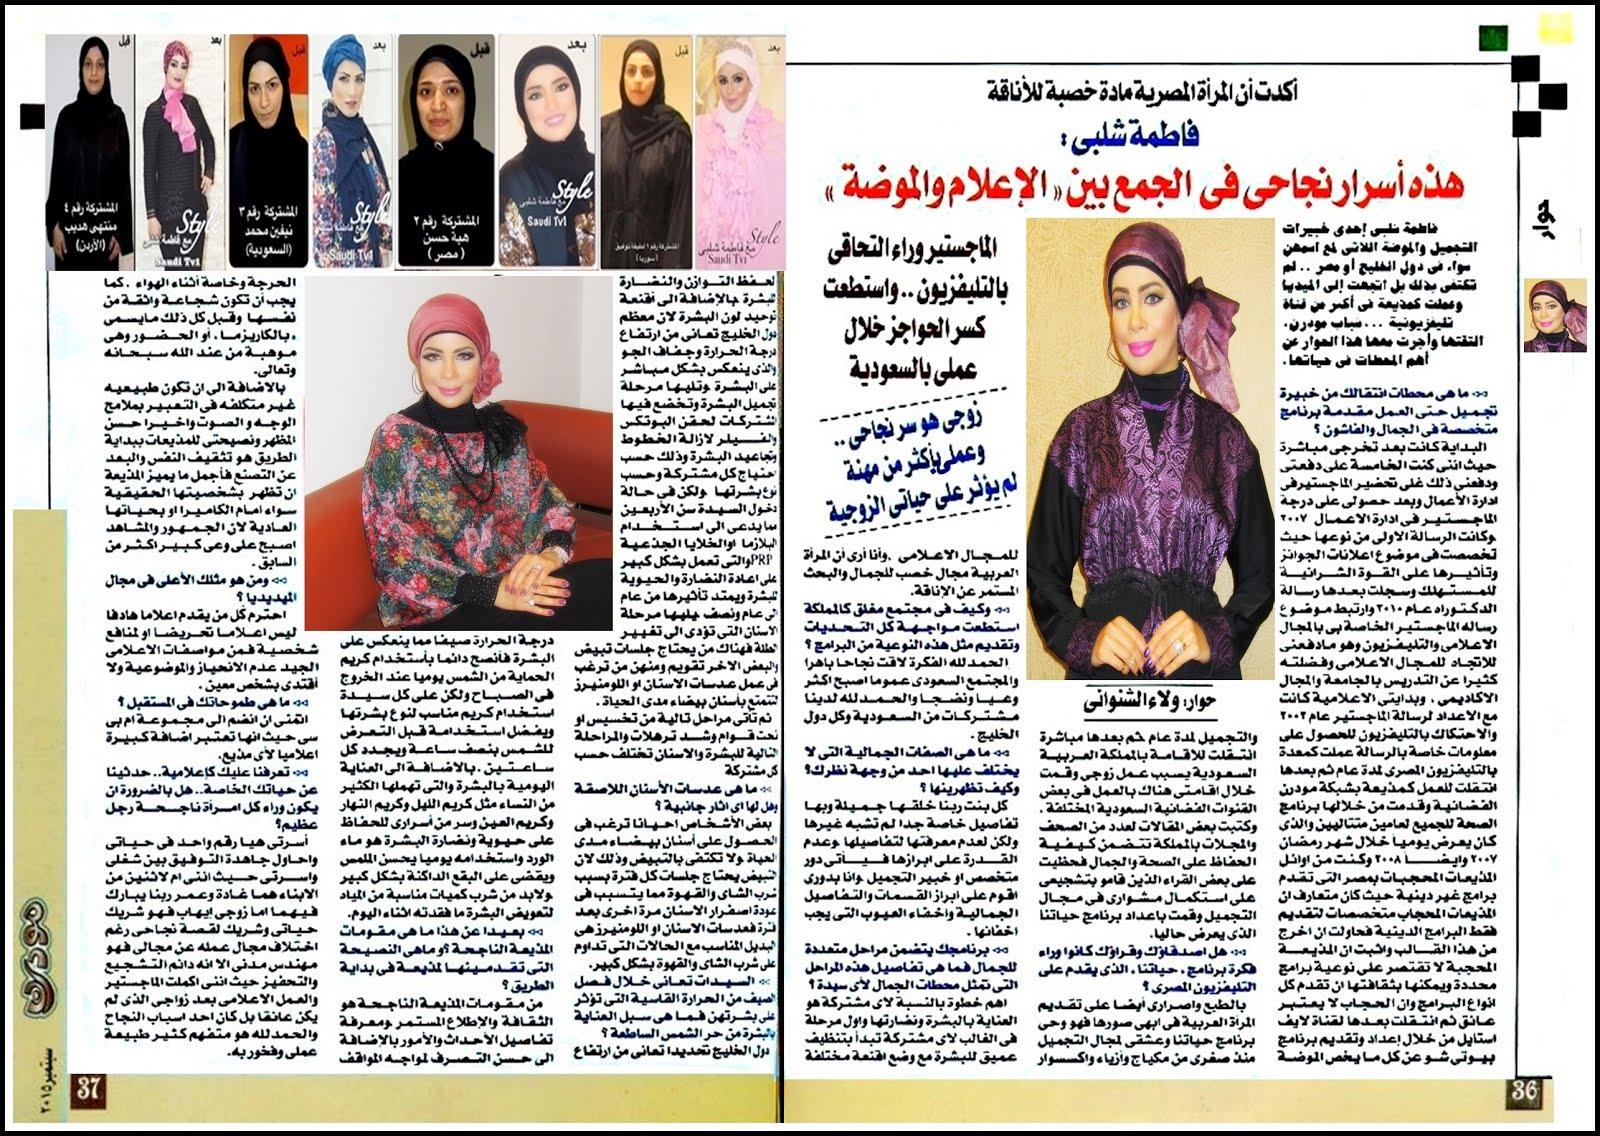 حوار مجلة مودرن عدد سبتمبر 2015